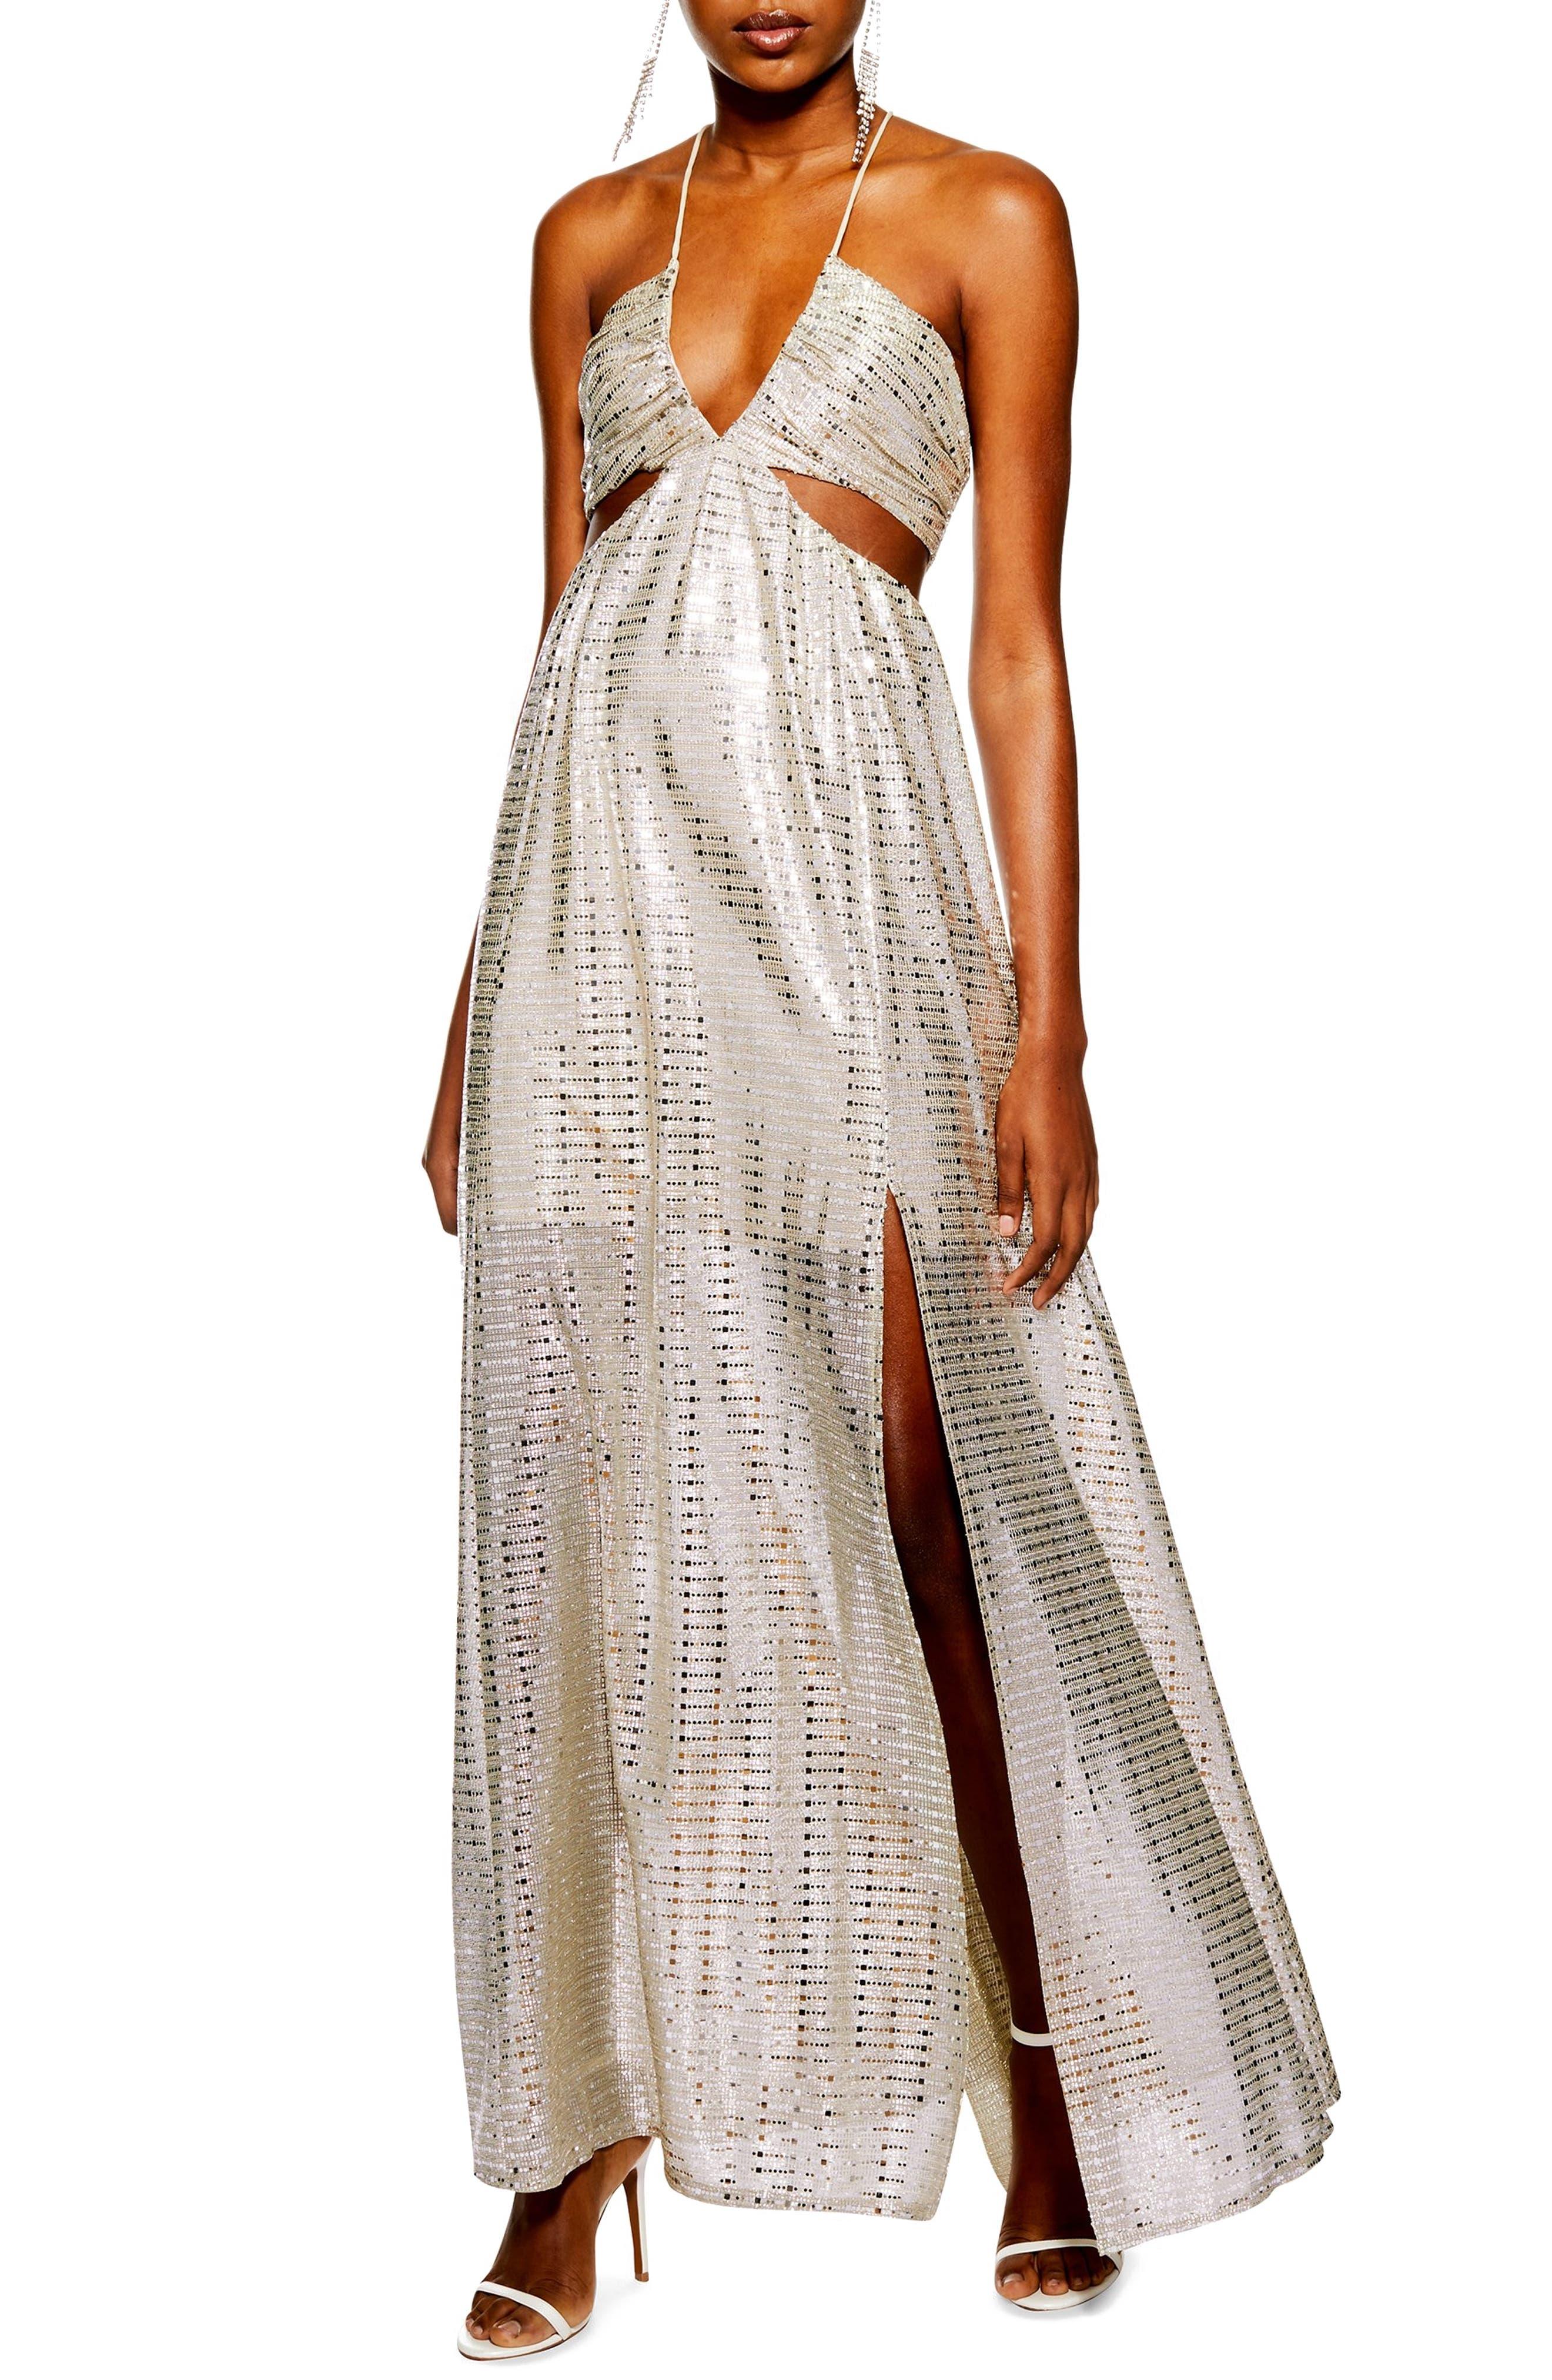 Topshop La Glitter Cutout Maxi Dress, US (fits like 6-8) - Metallic